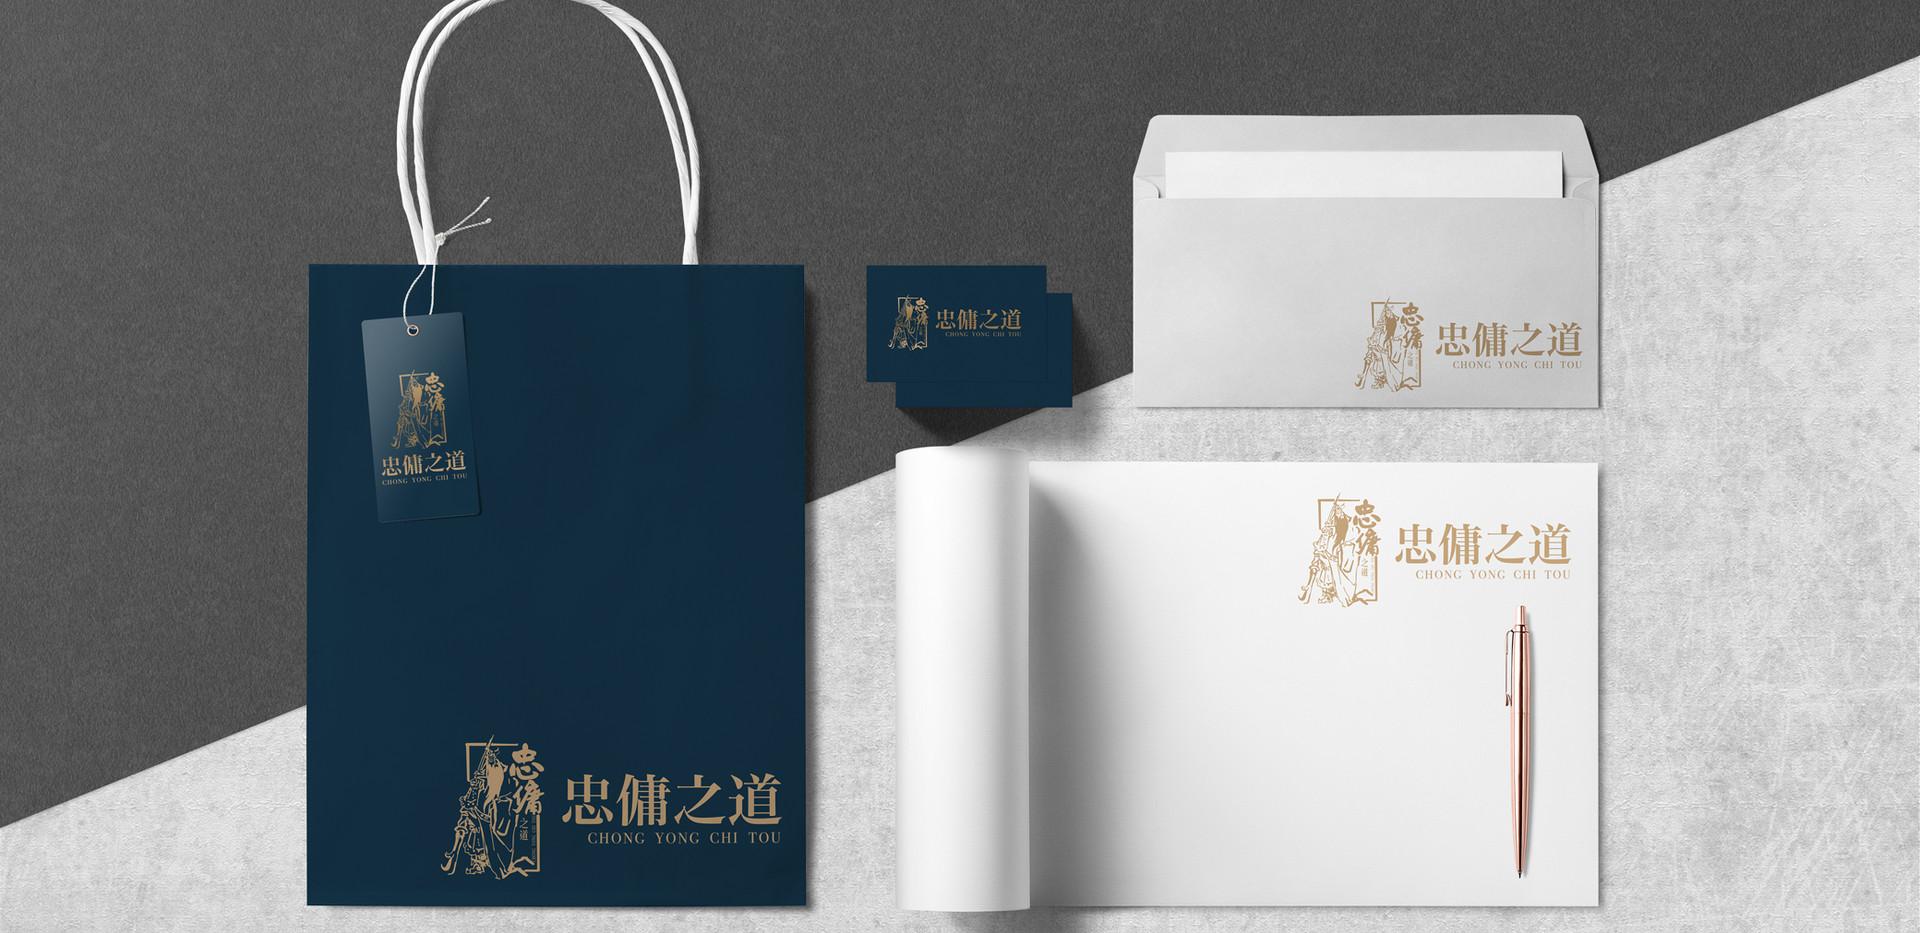 Chong Yong Chi Tou Logo